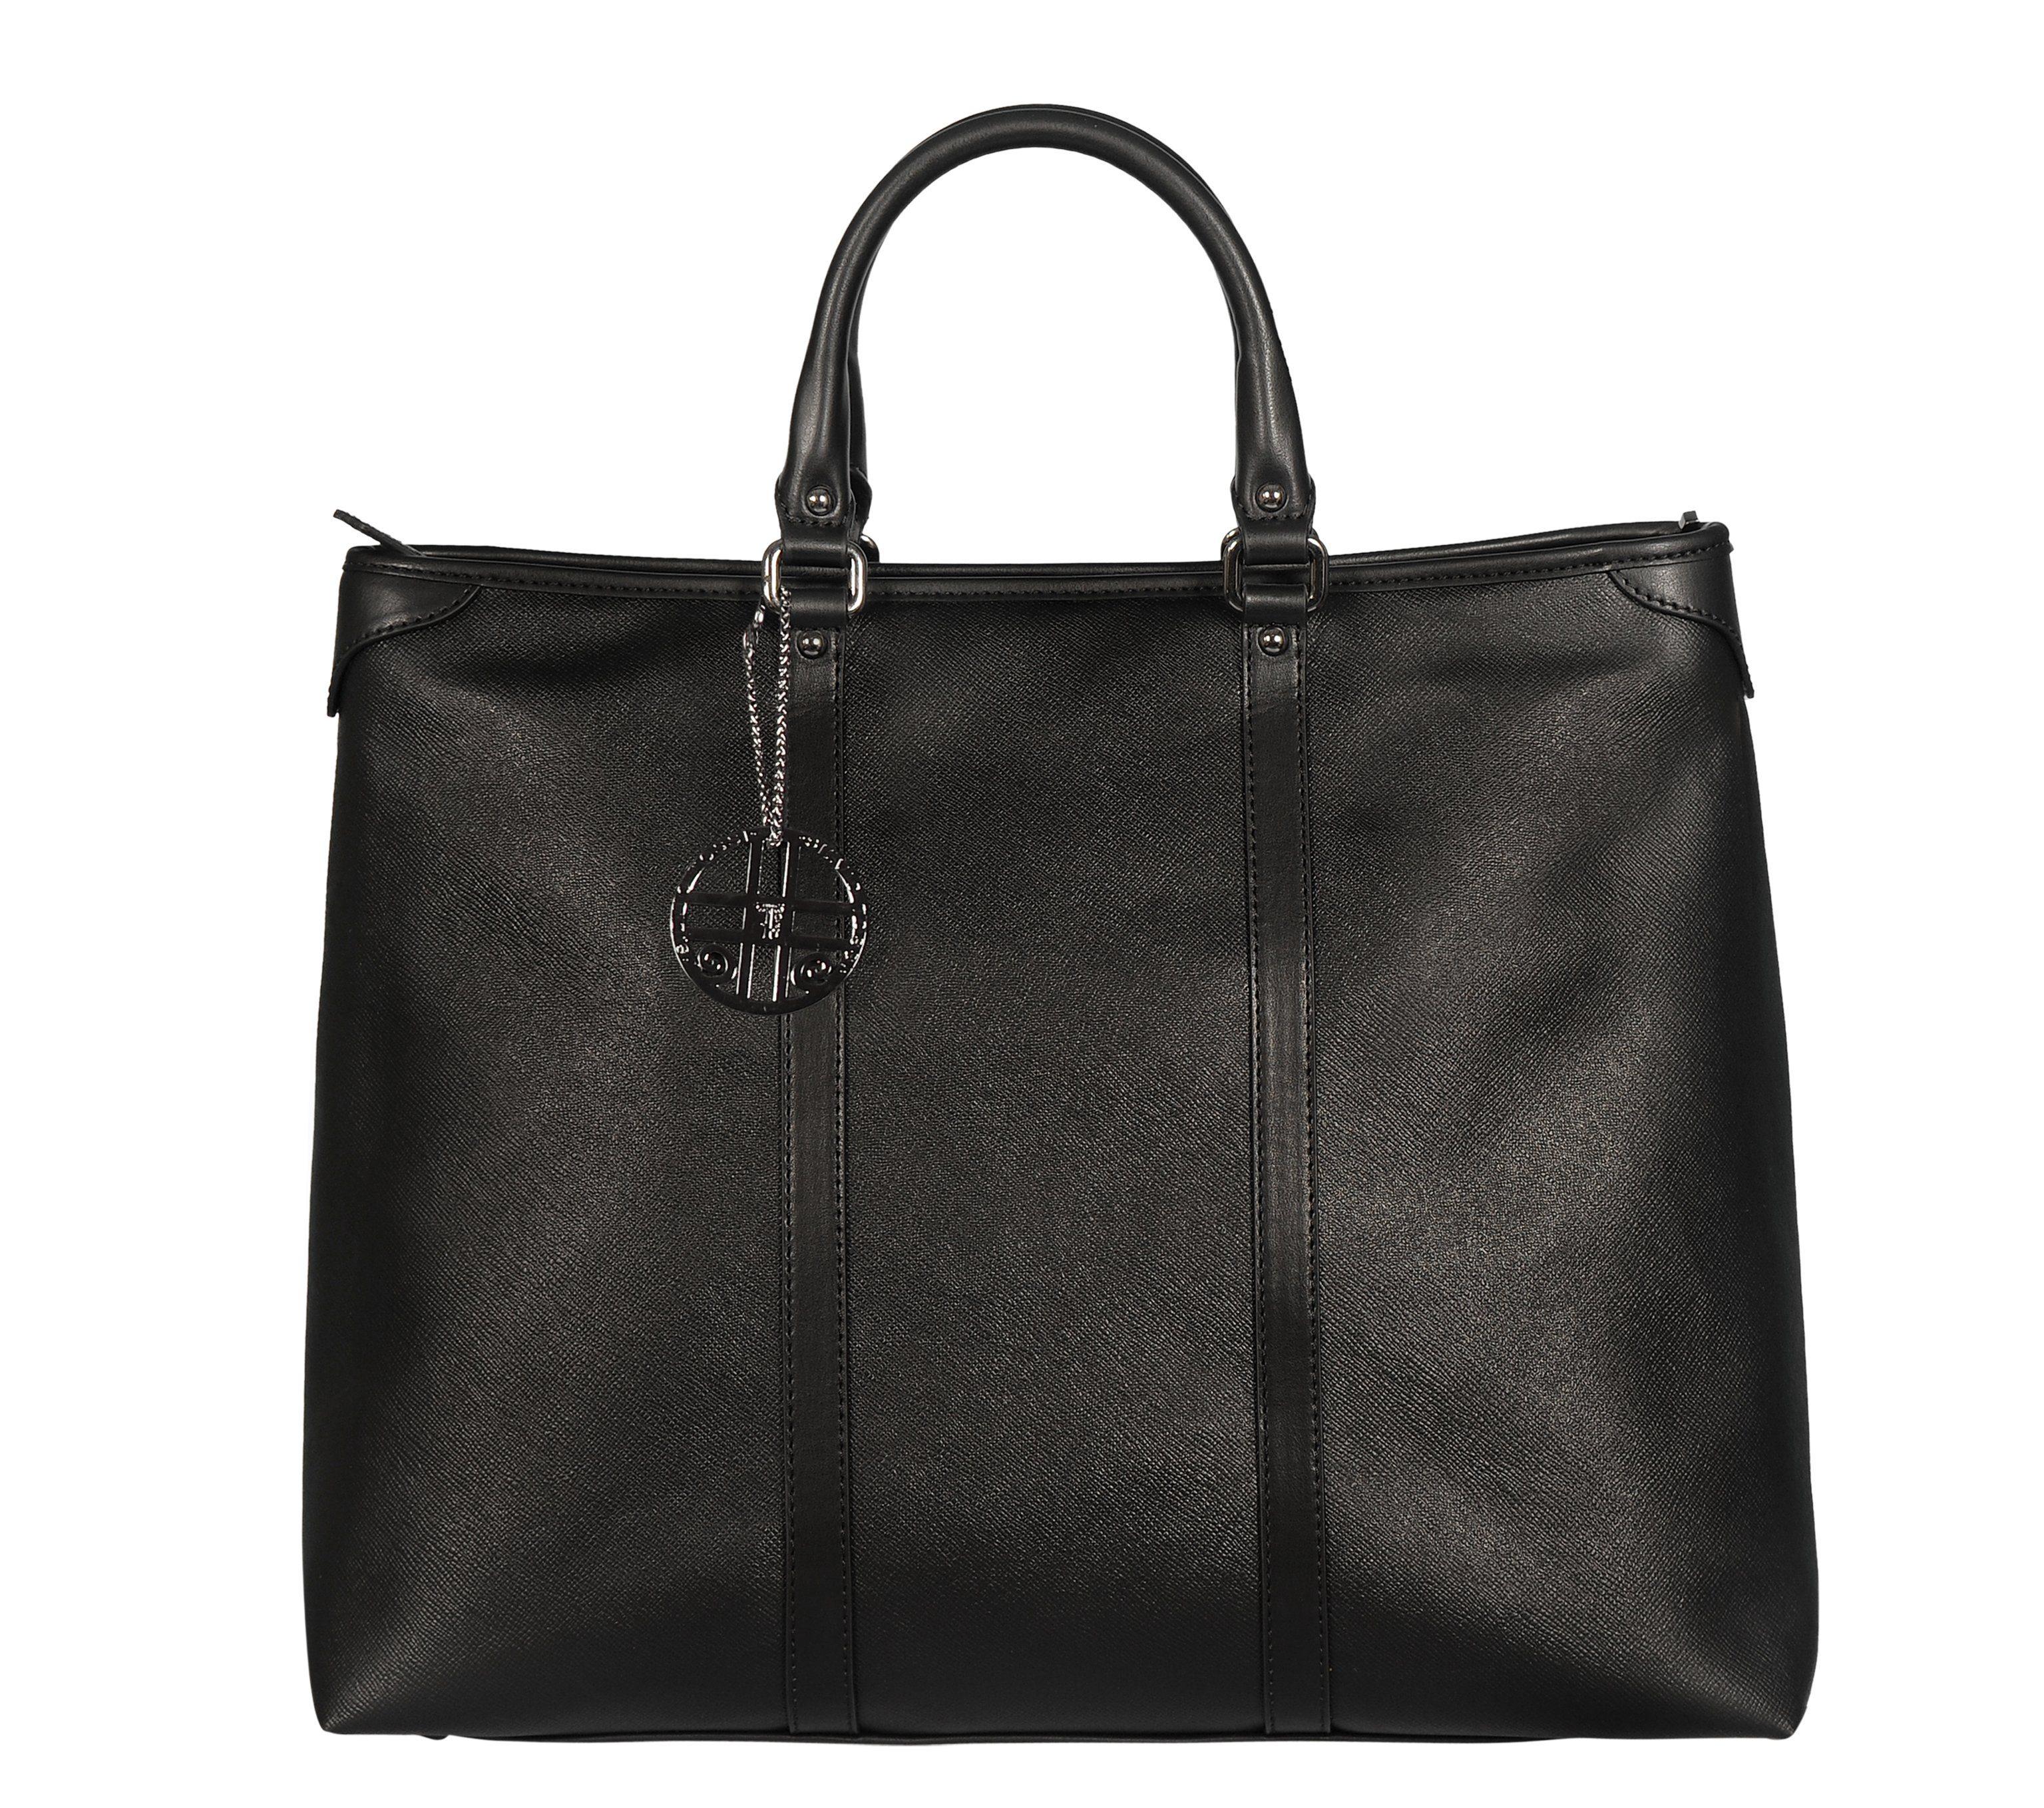 Silvio Tossi Handtasche im Saffian-Design